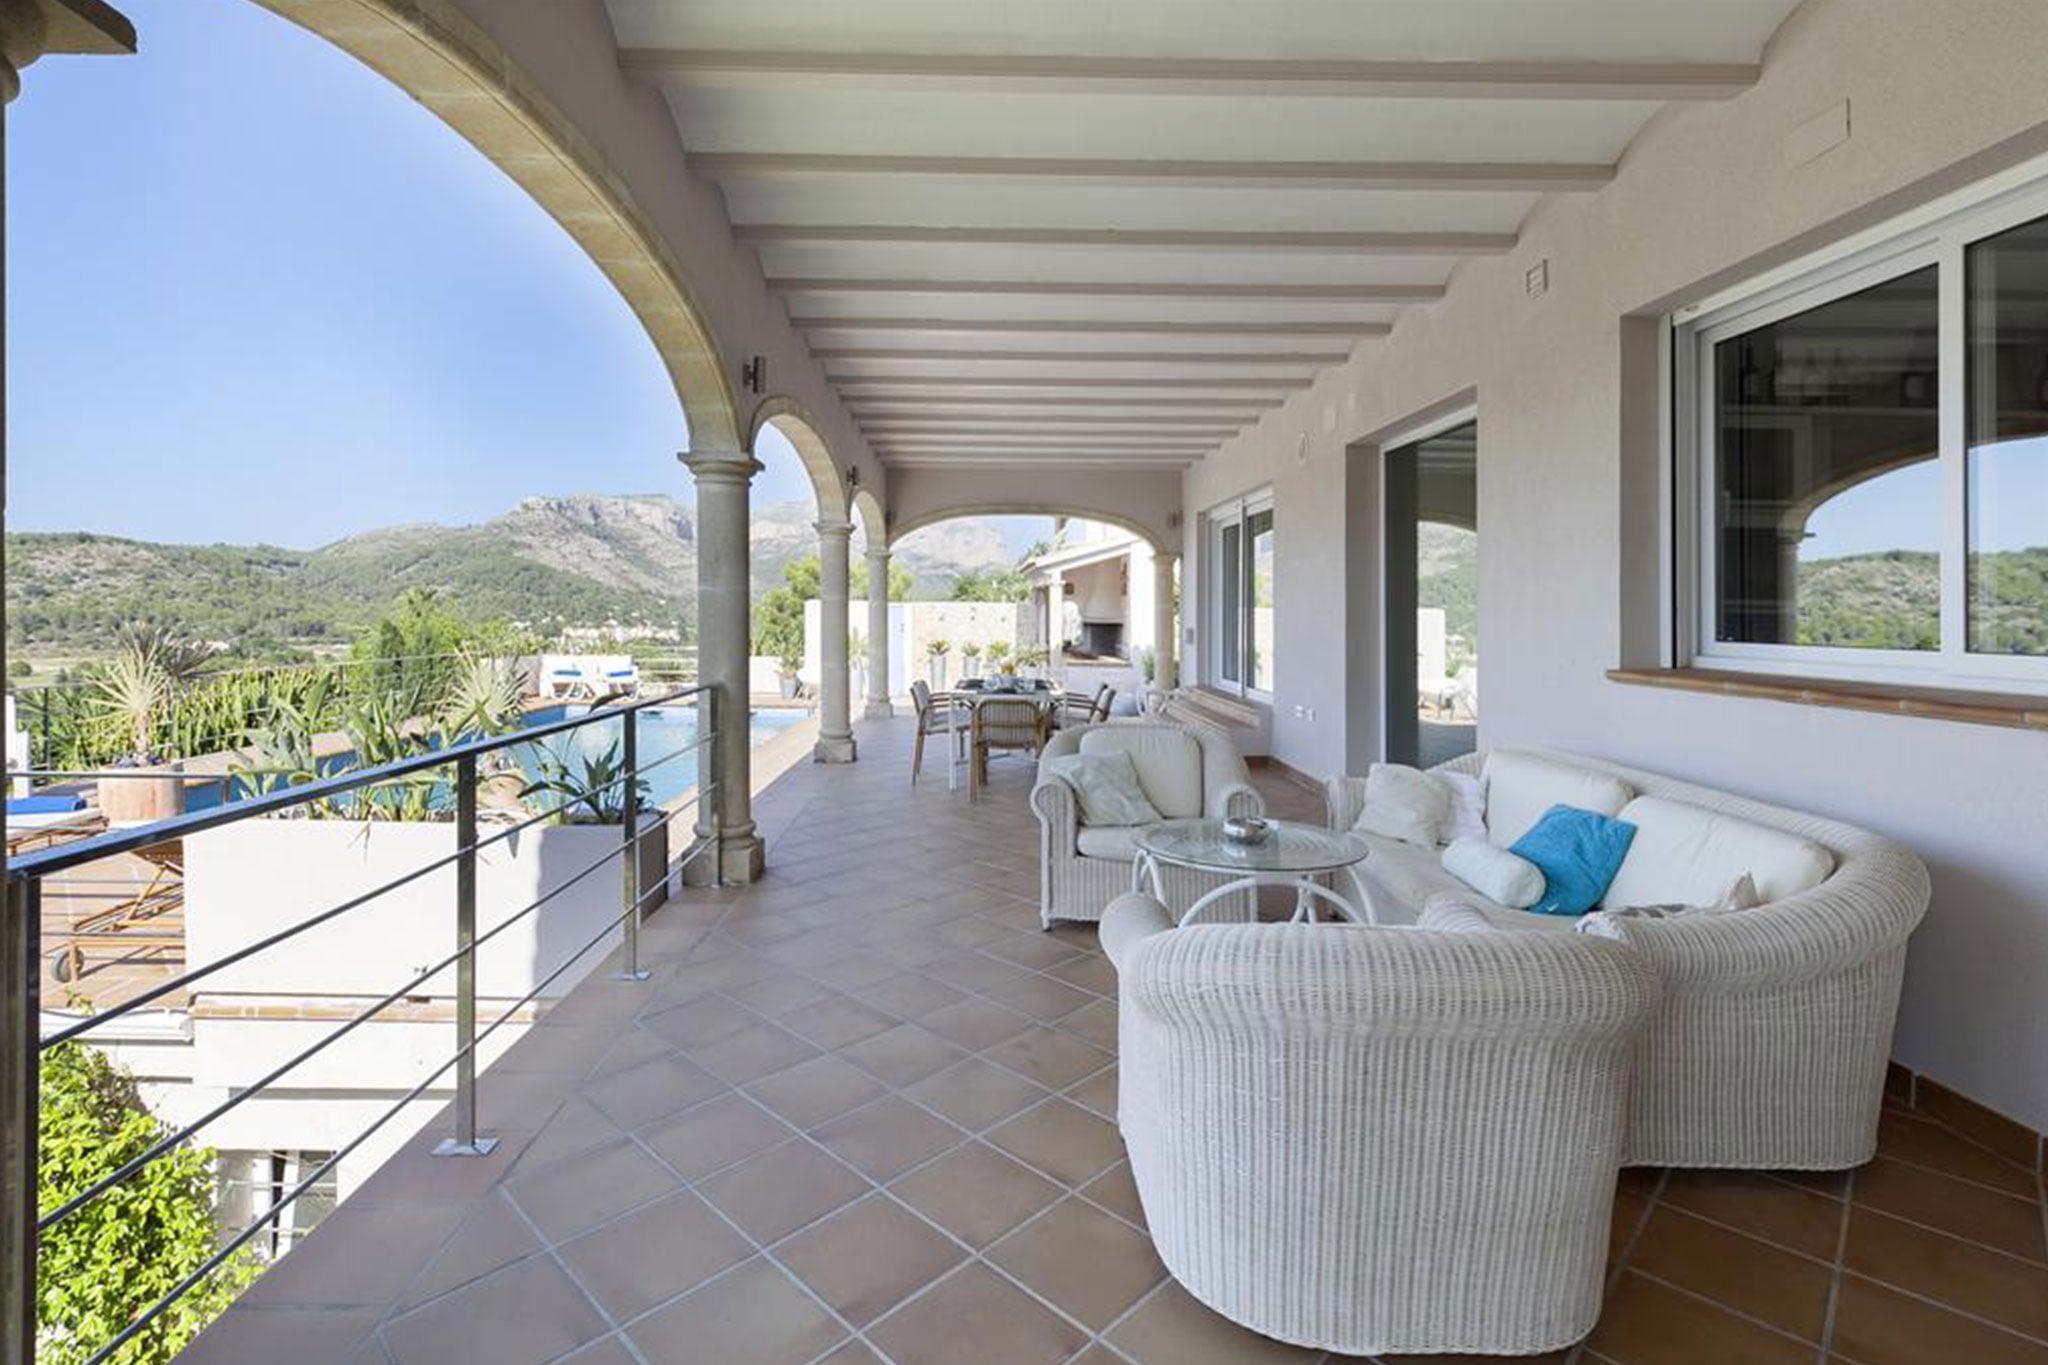 Gran terraza cubierta una villa de vacaciones con capacidad para ocho personas – Quality Rent a Villa